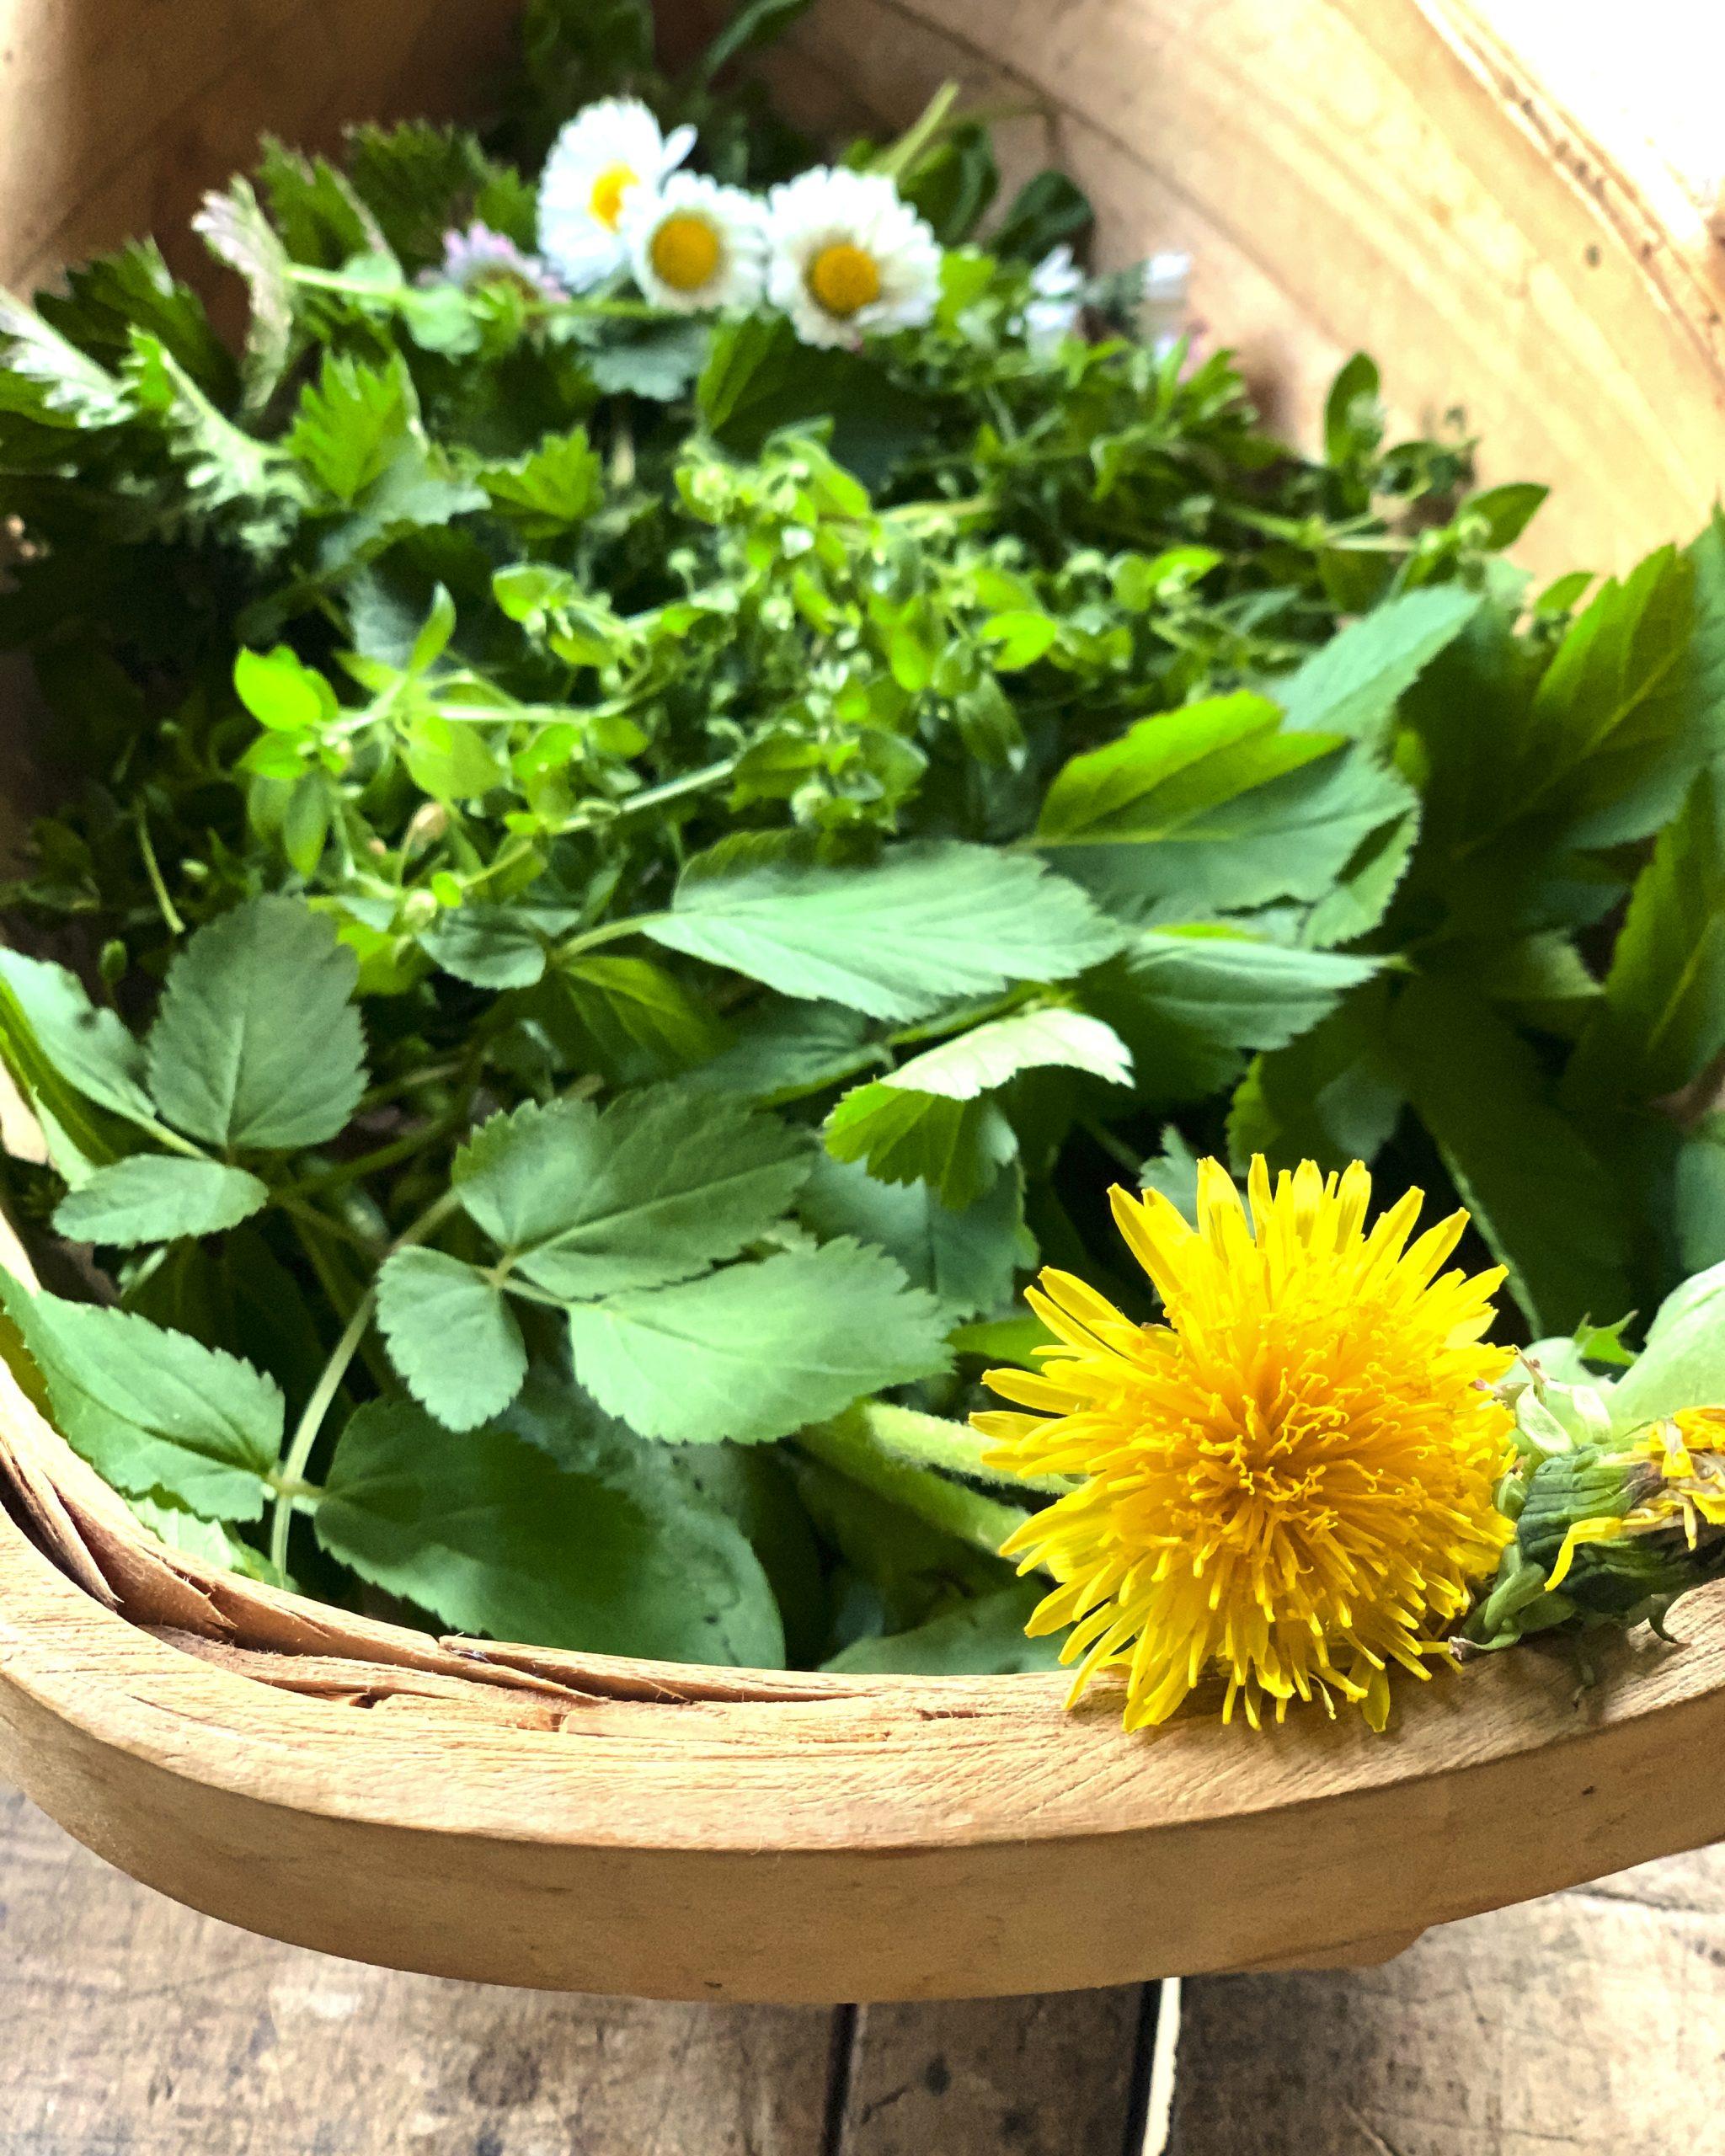 wildkraeuter-essbare-wildpflanzen-loewenzahn-pflanzenkueche-giersch-wildblumen-naturheilkunde